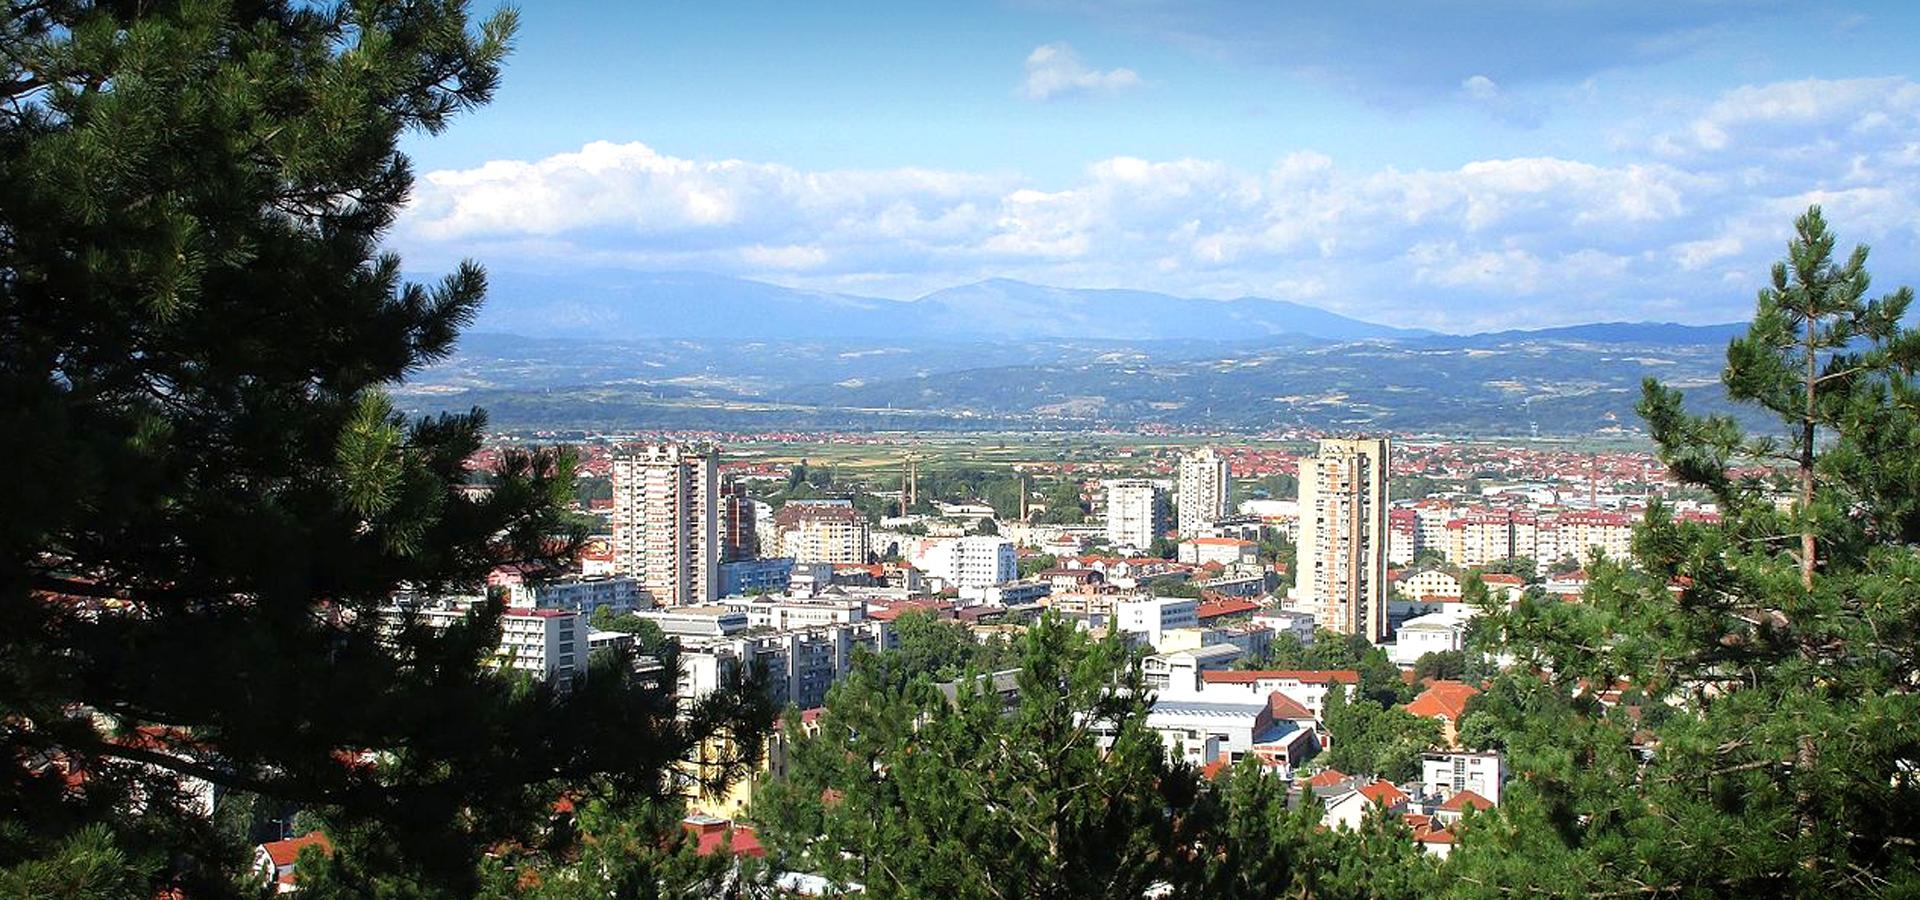 <b>Europe/Belgrade/Jablanica</b>